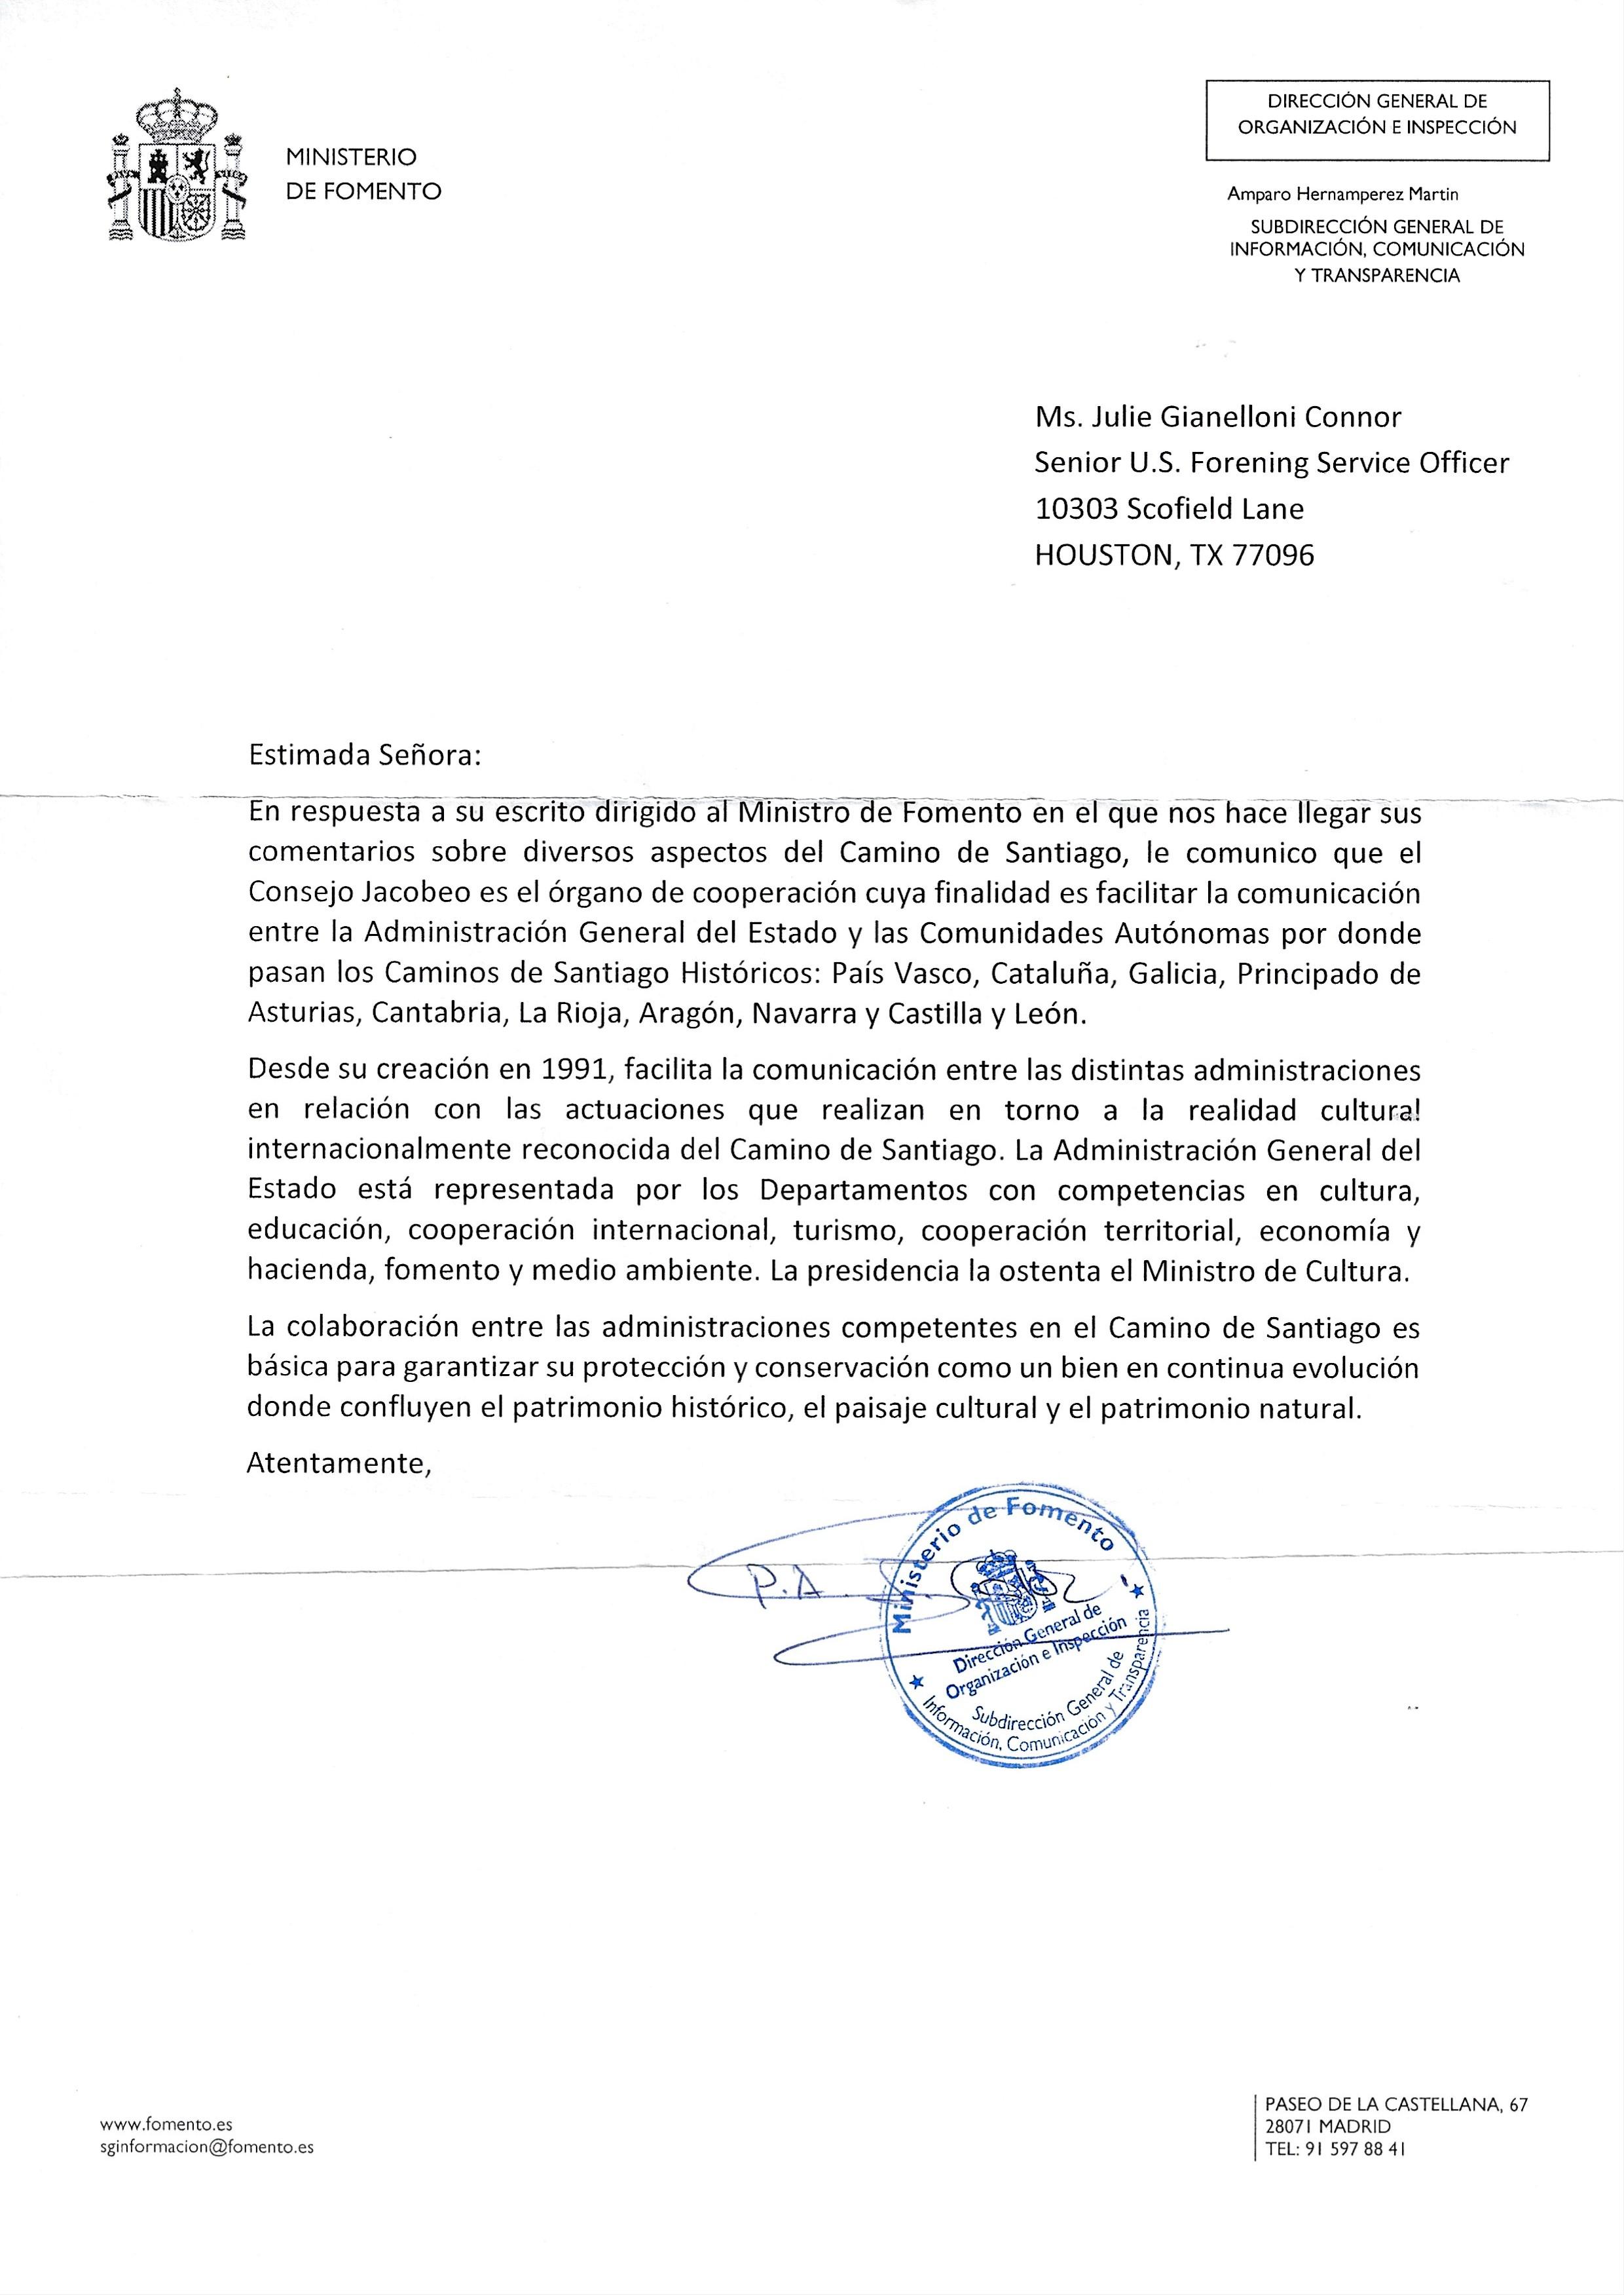 Ministrerio De Fomento Response